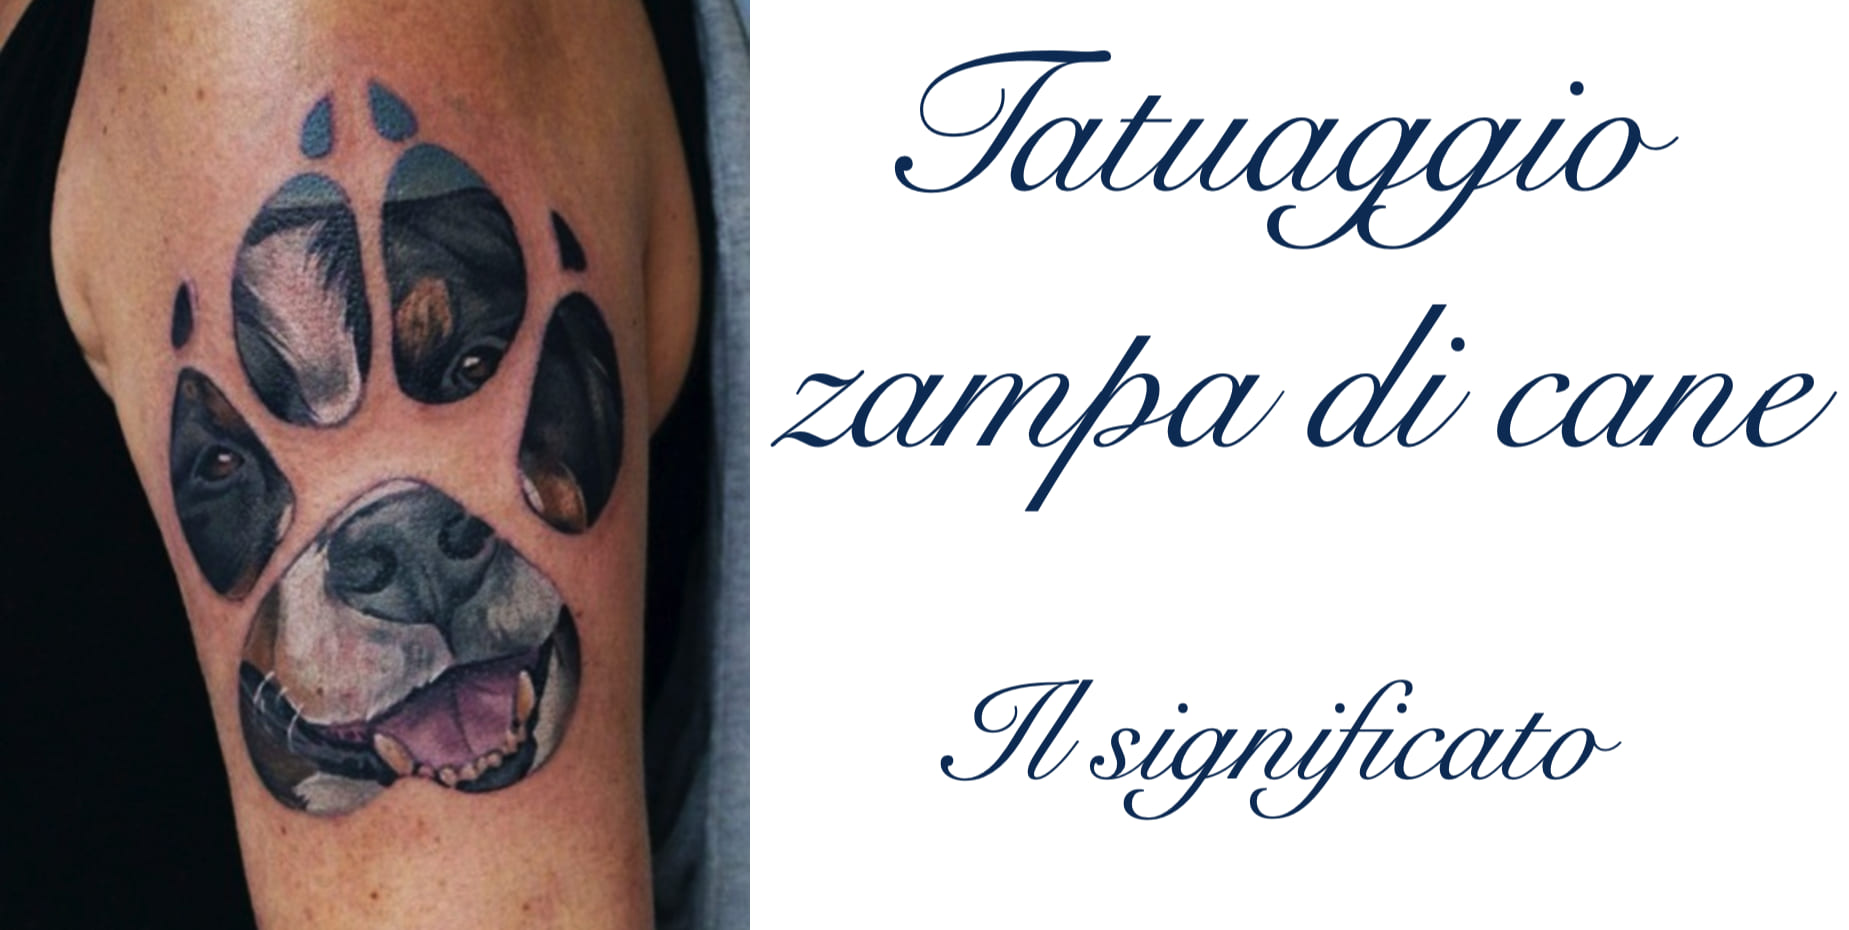 Tattoo Tatuaggio Zampa Cane Significato